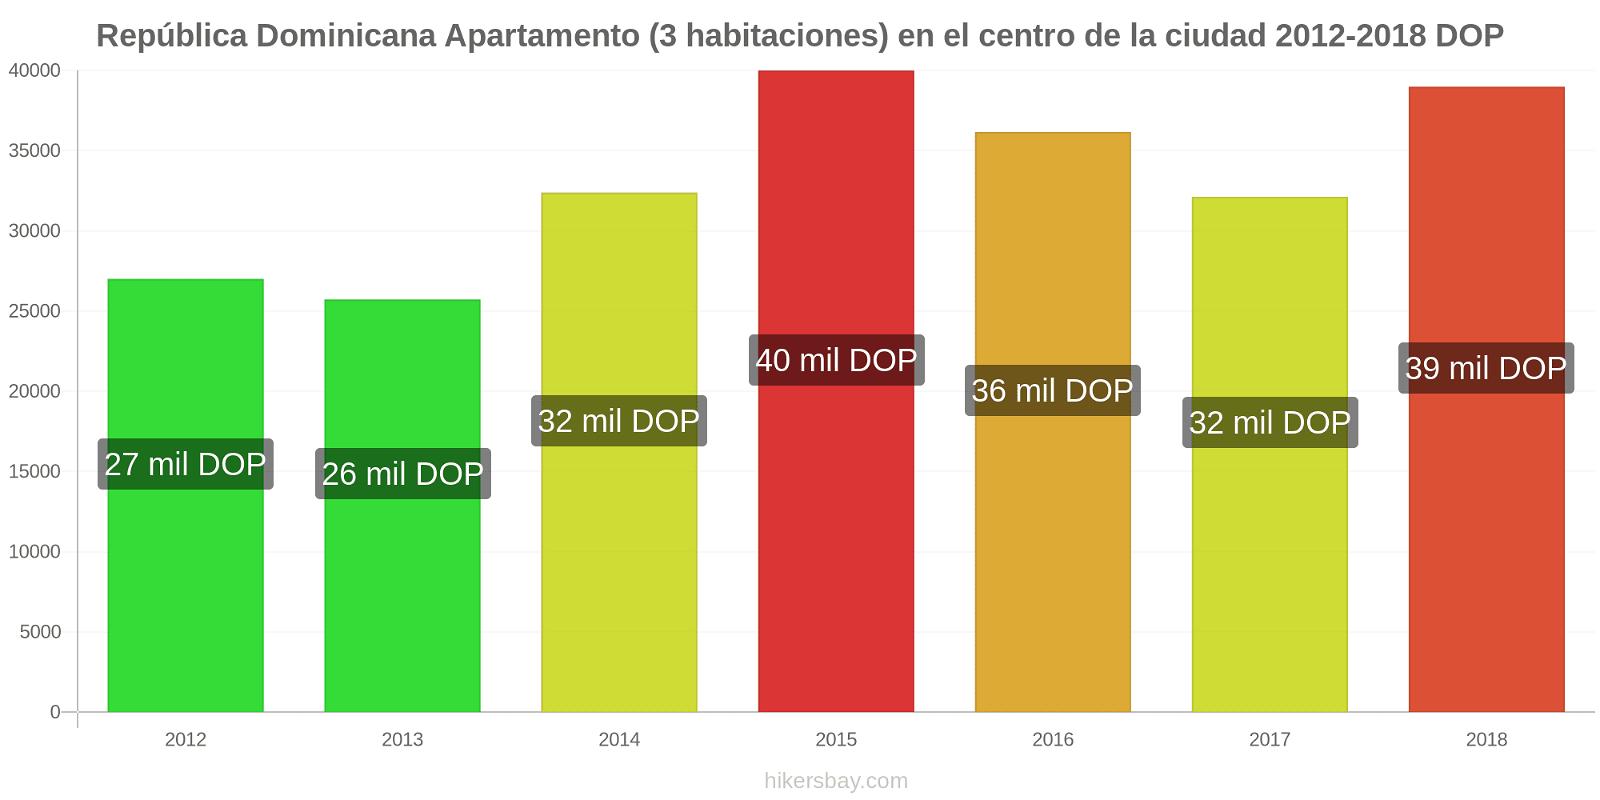 República Dominicana cambios de precios Apartamento (3 habitaciones) en el centro de la ciudad hikersbay.com